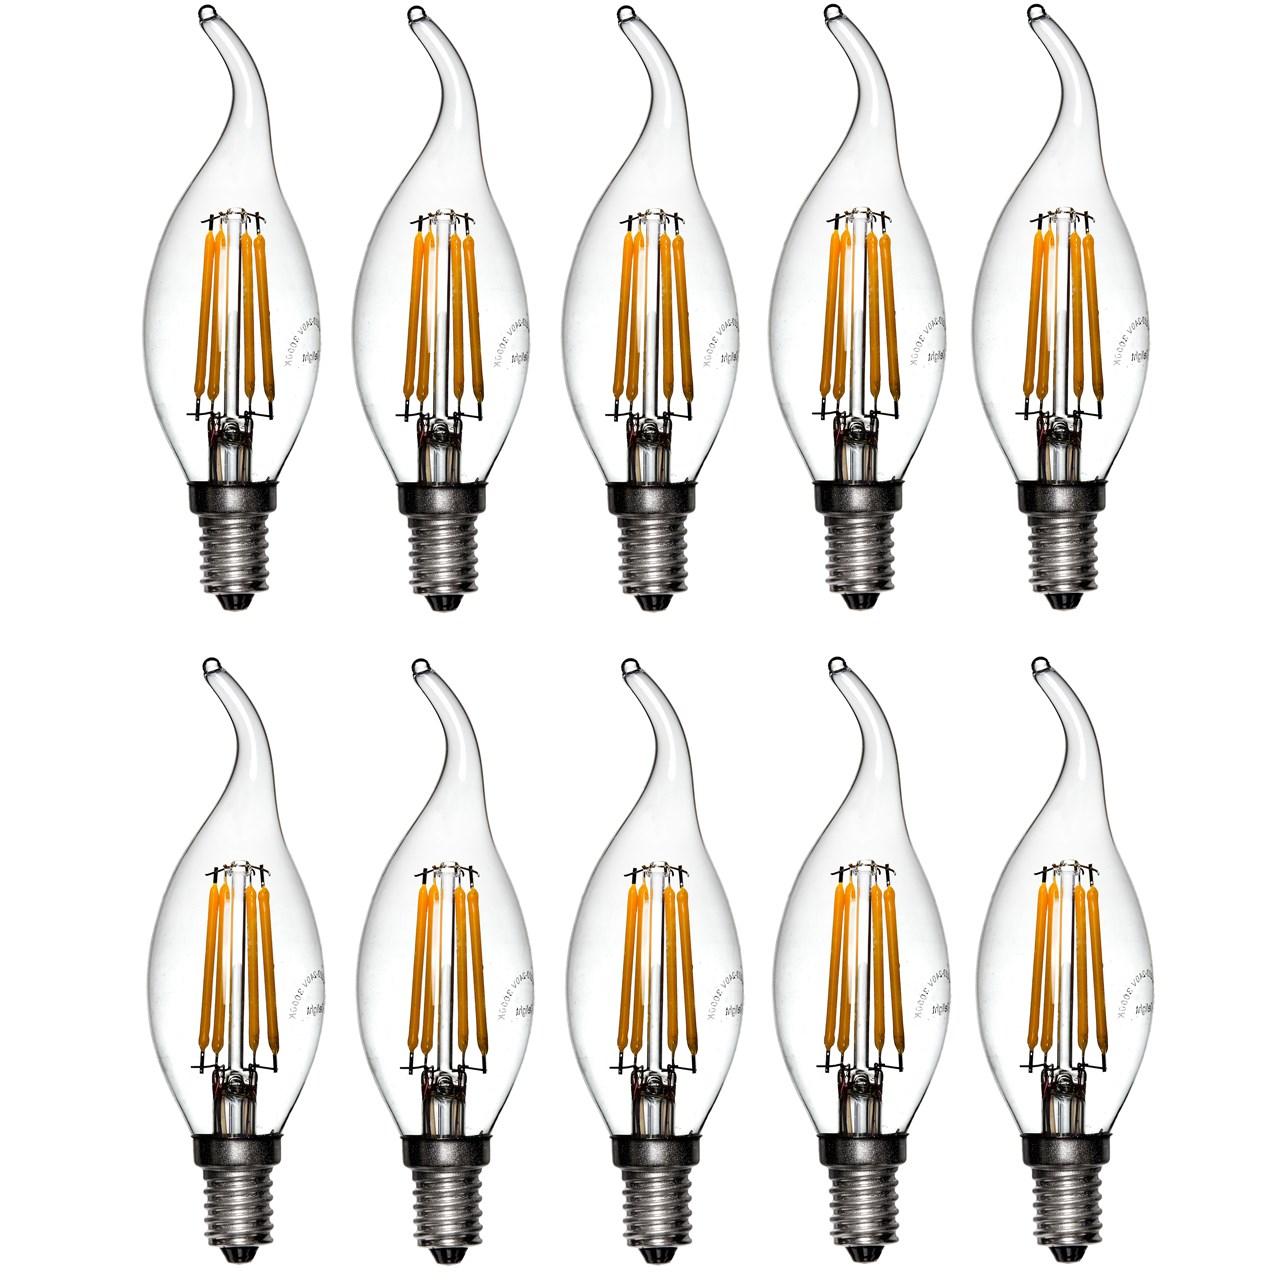 لامپ ال ای دی فیلامنتی 4 وات دیلایت کد 188x10 پایه E14 بسته 10 عددی  thumb